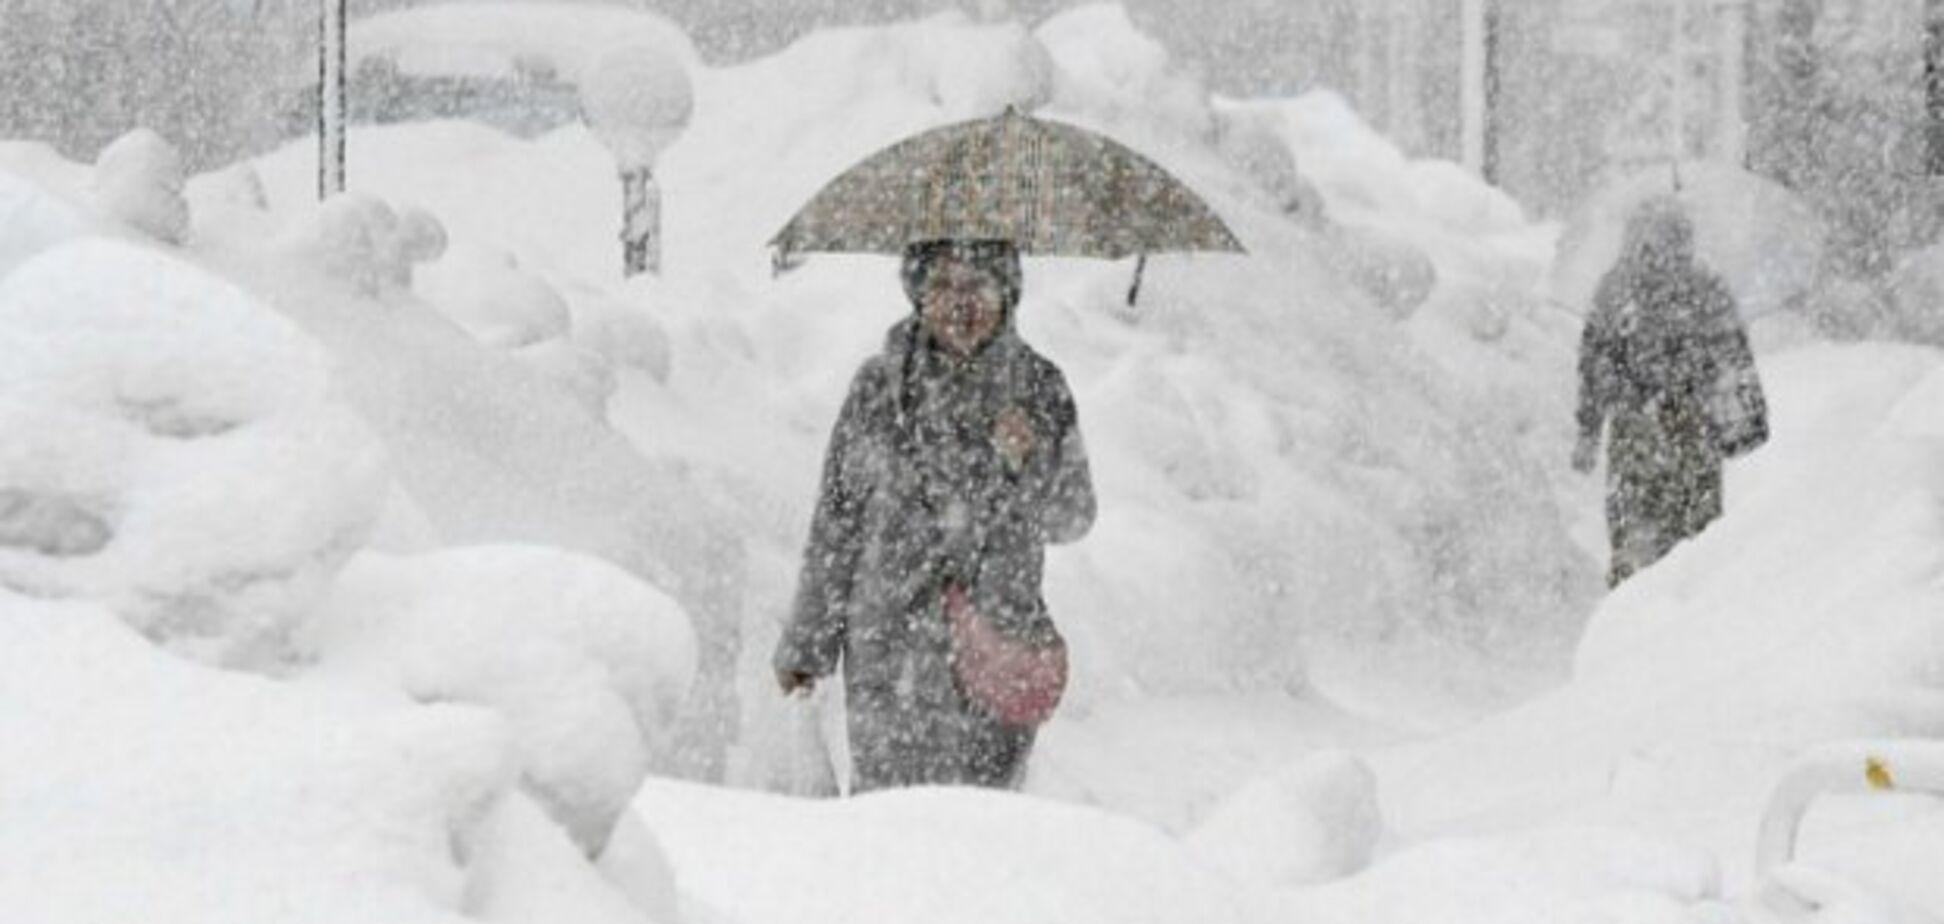 Прийде арктичне повітря: стало відомо, коли Україну завалить снігом